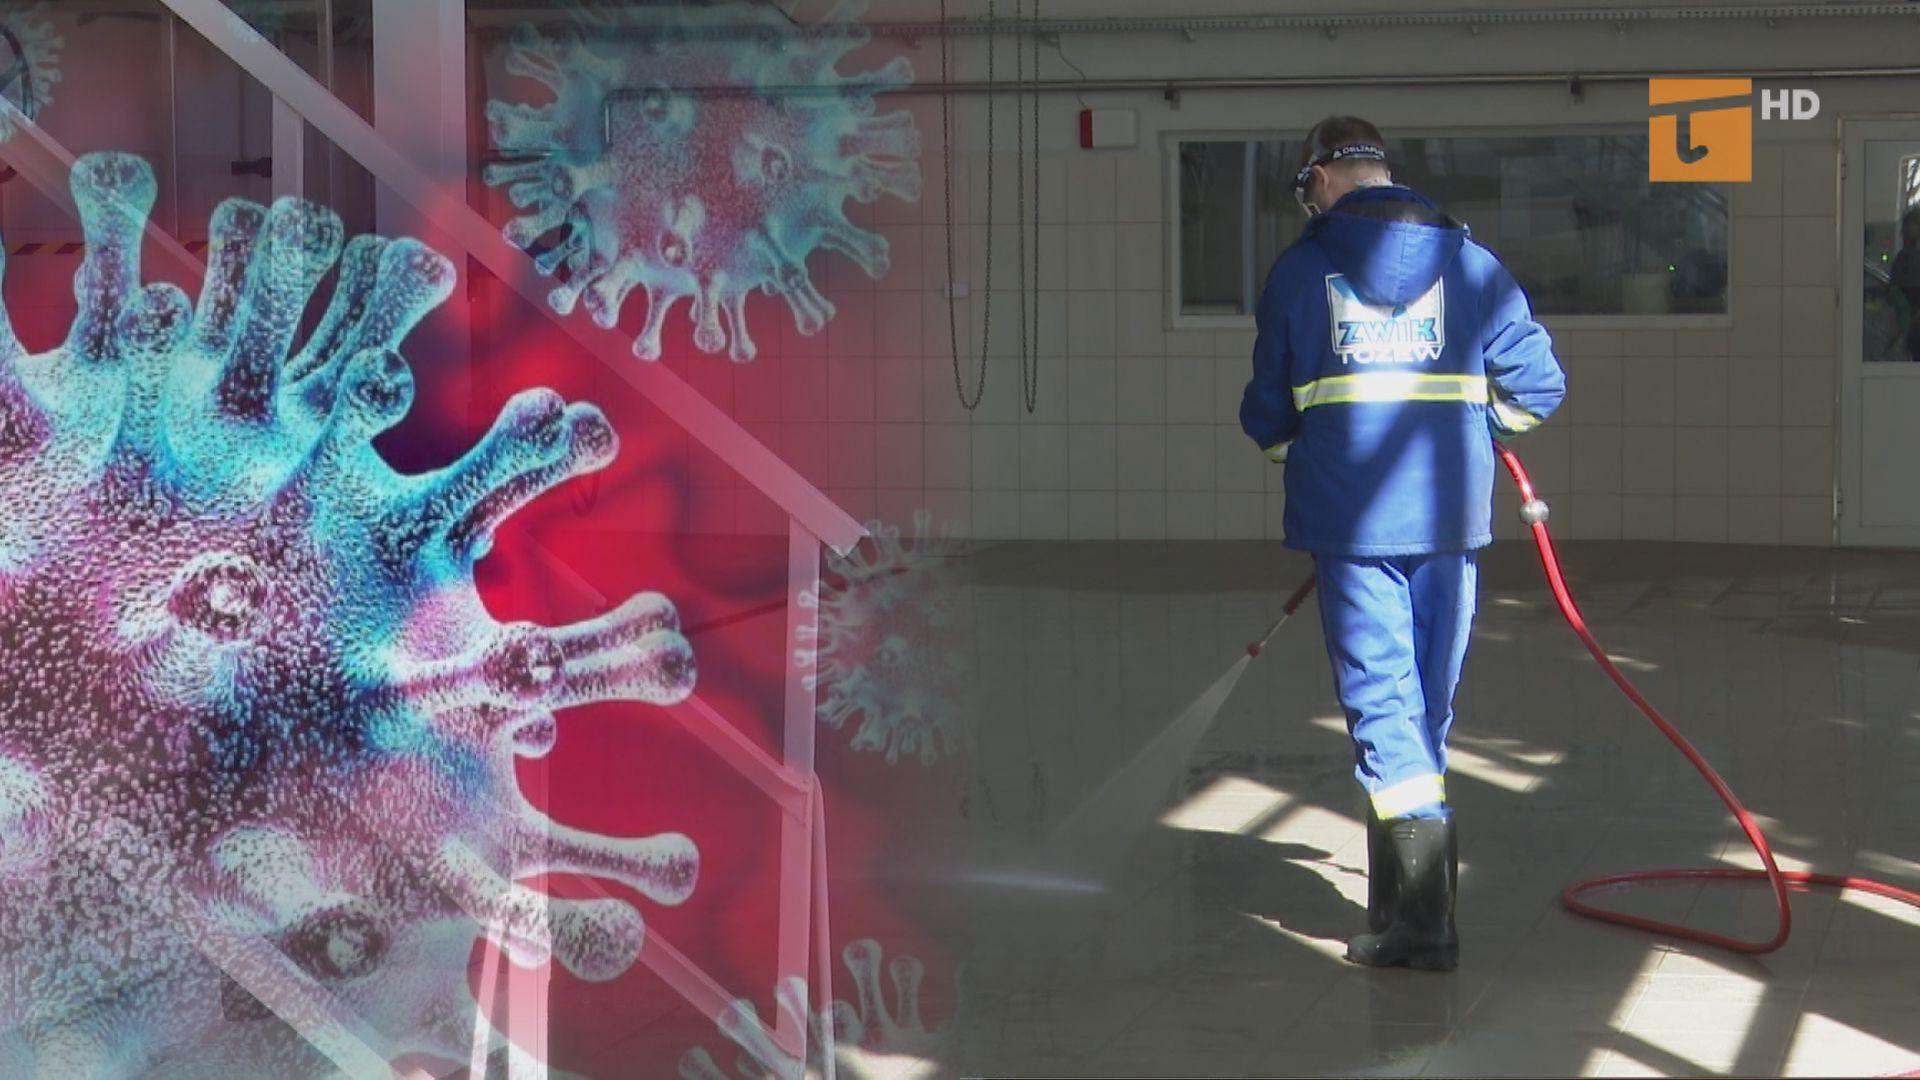 Mobilny zestaw ozonujący SPID zwalcza koronawirusa